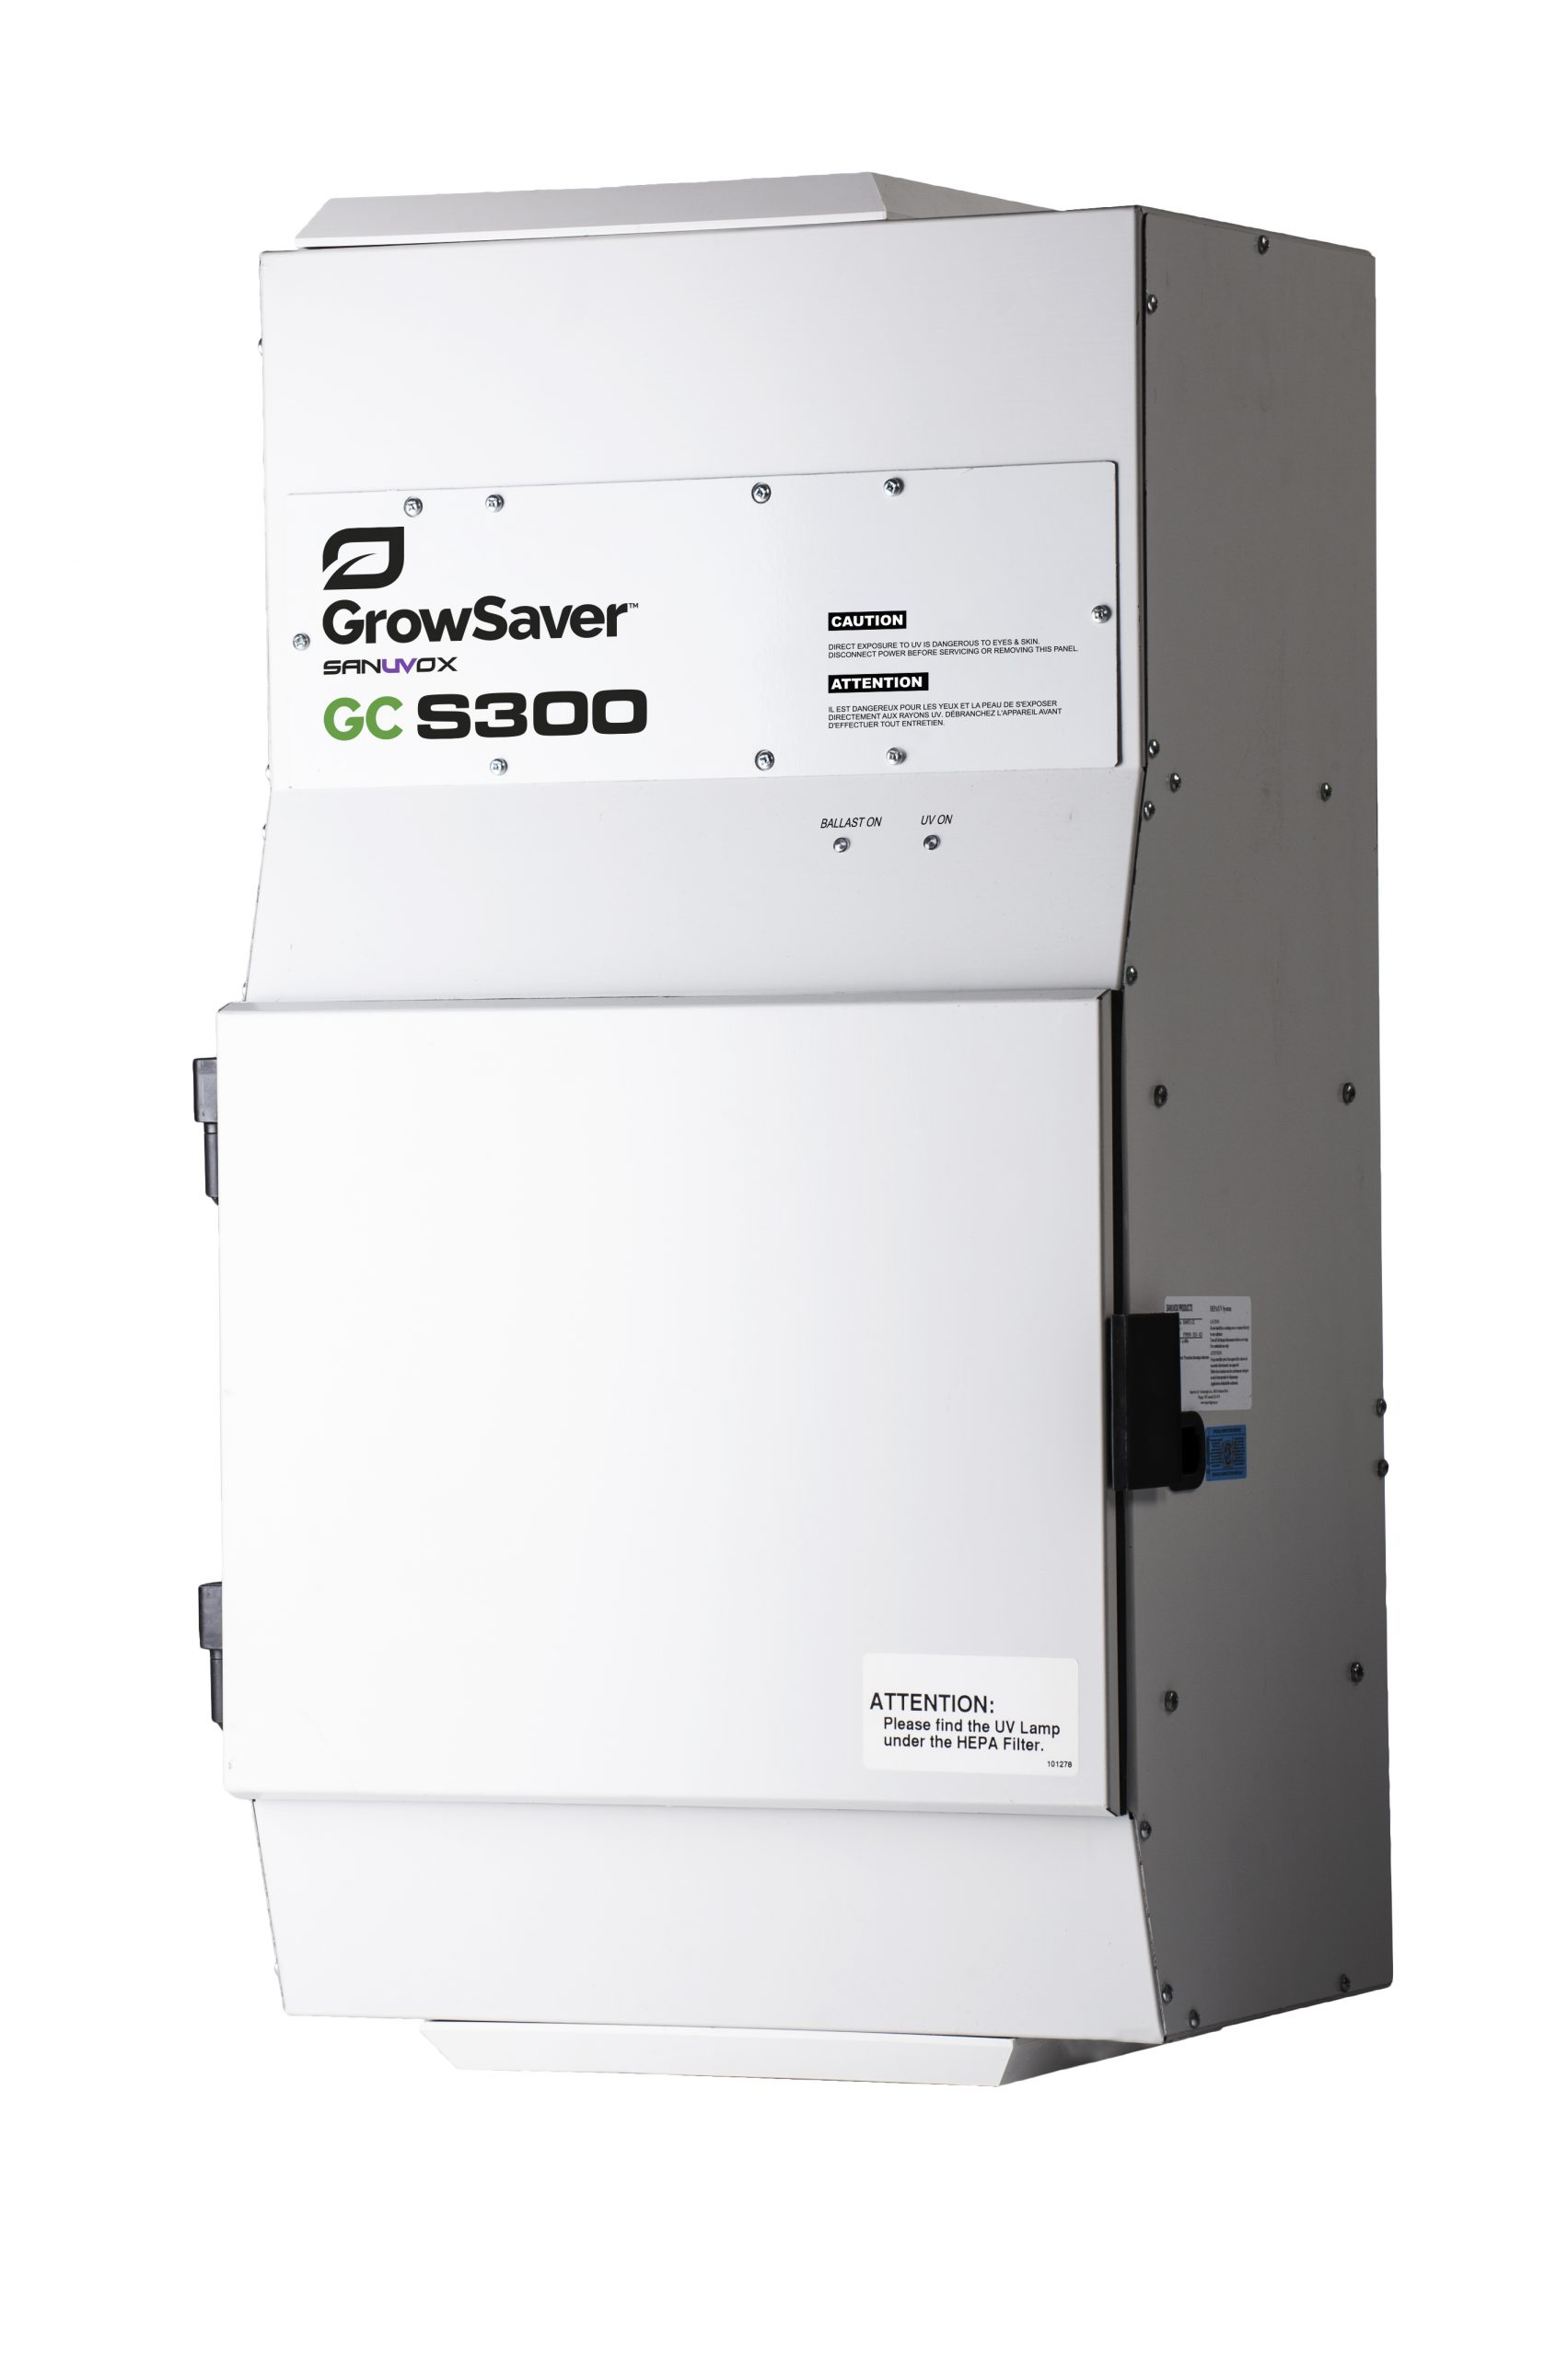 GC S300-G2